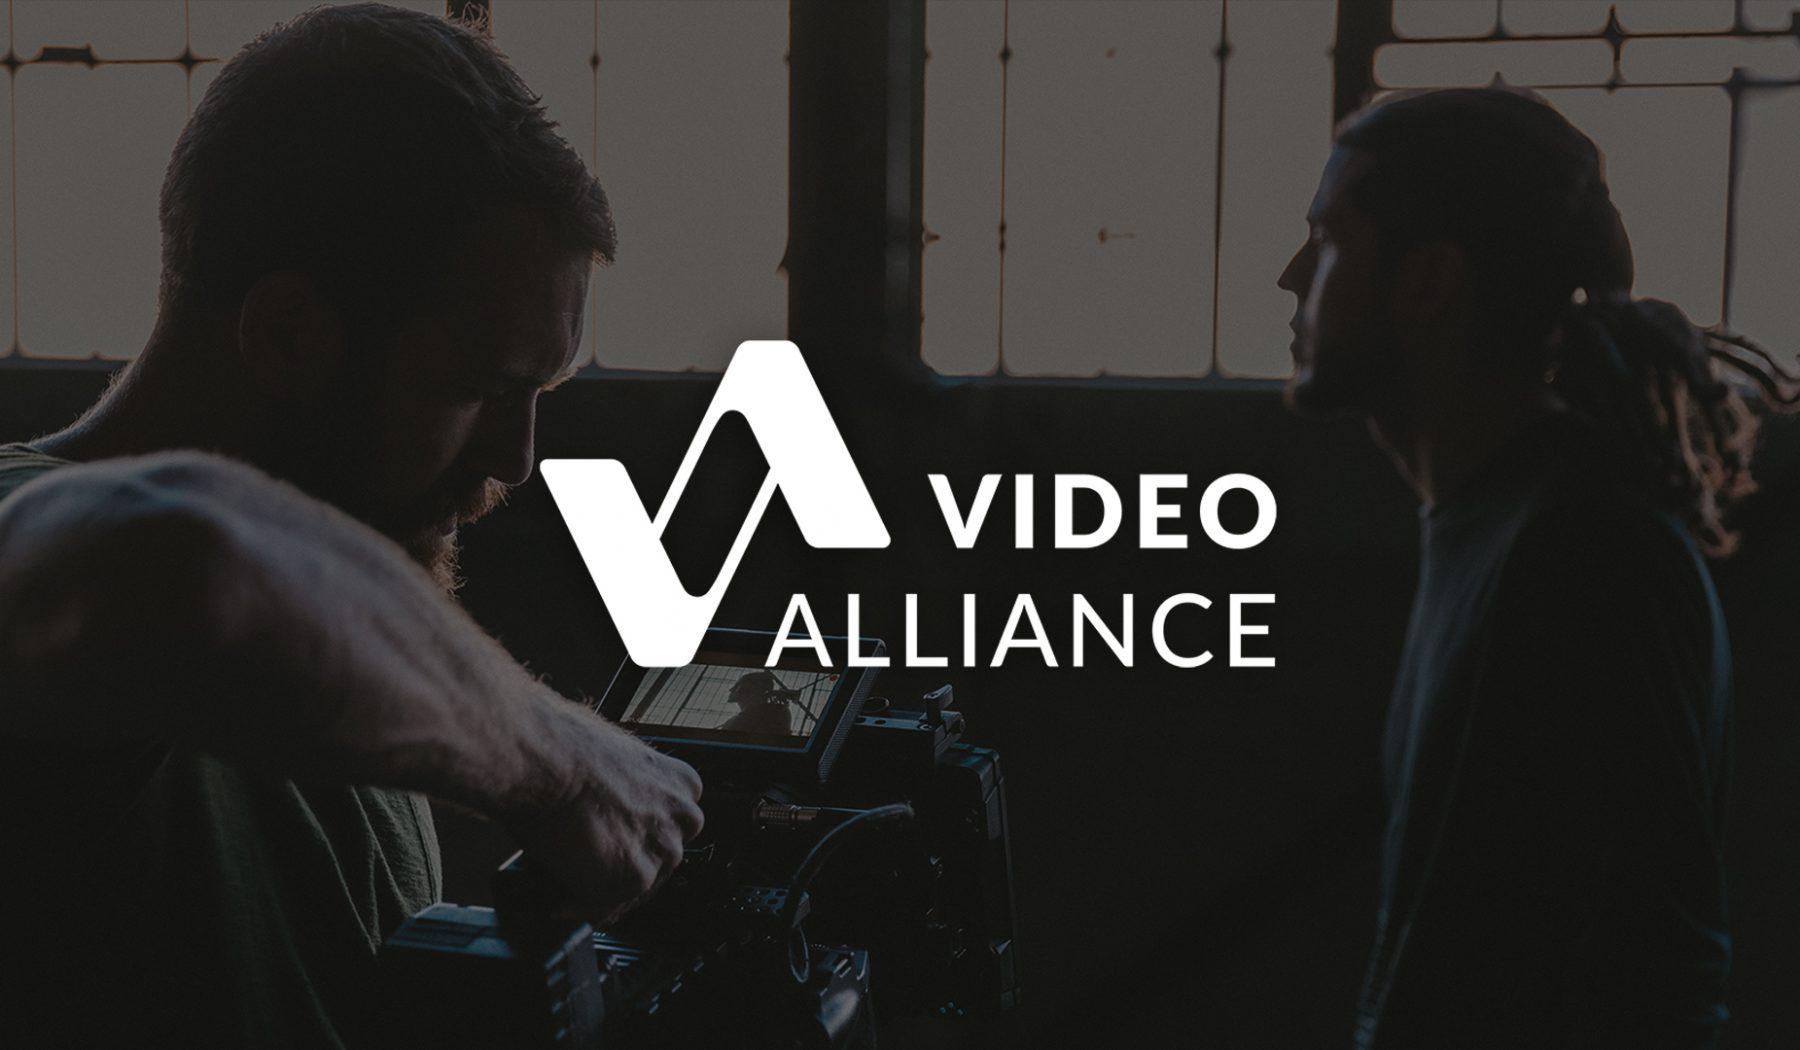 Video Alliance Full Logo | Videography Logo Design